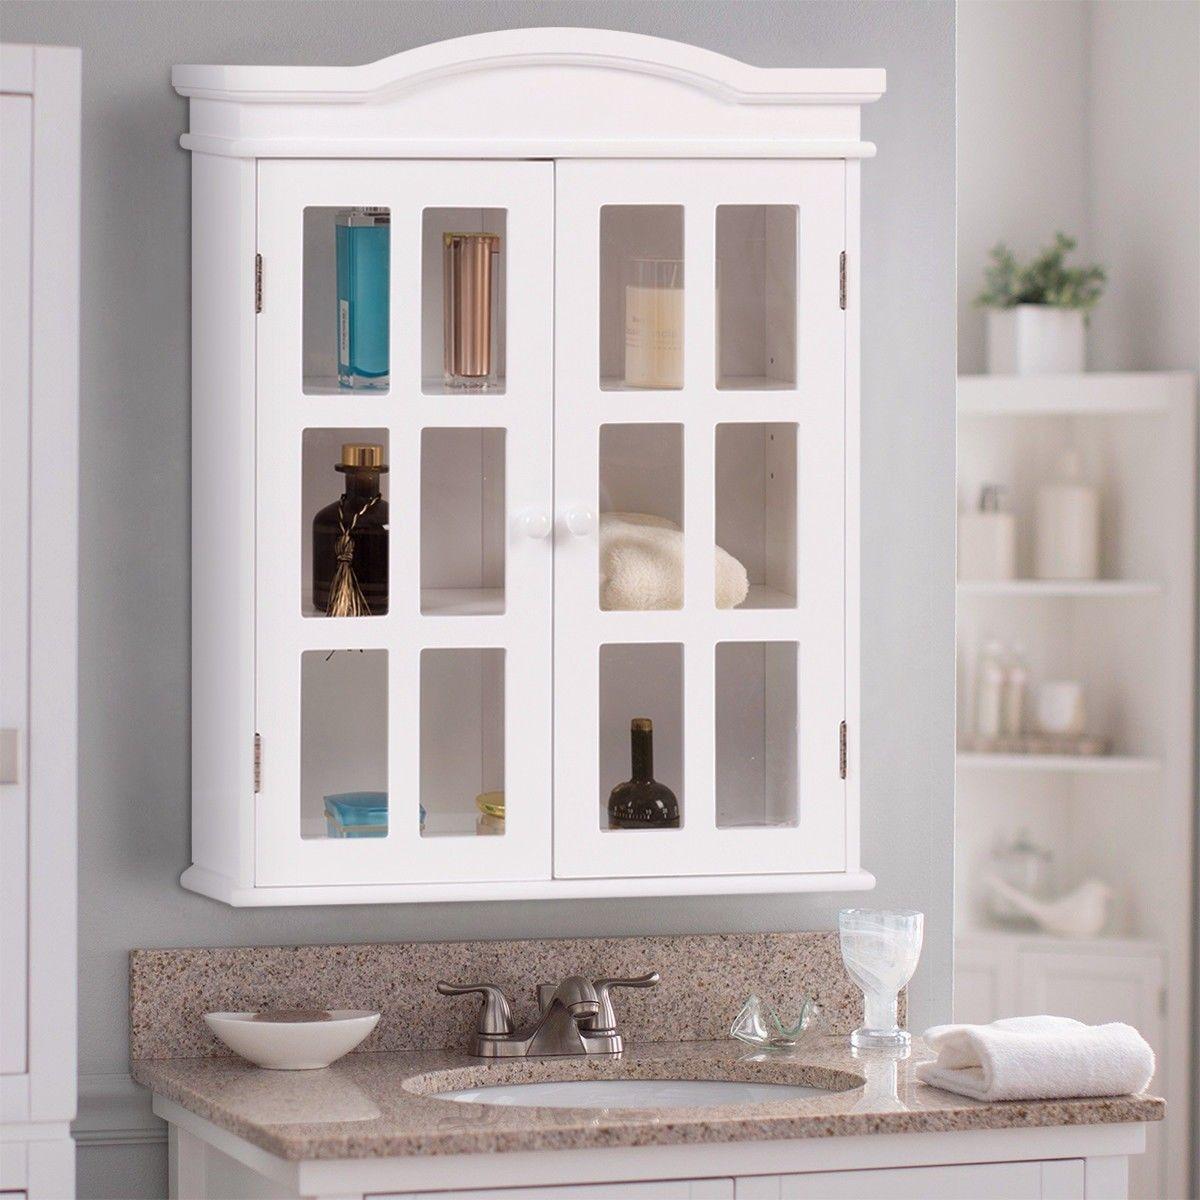 Wall Mount Bathroom Double Doors Shelved Storage Cabinet In 2019